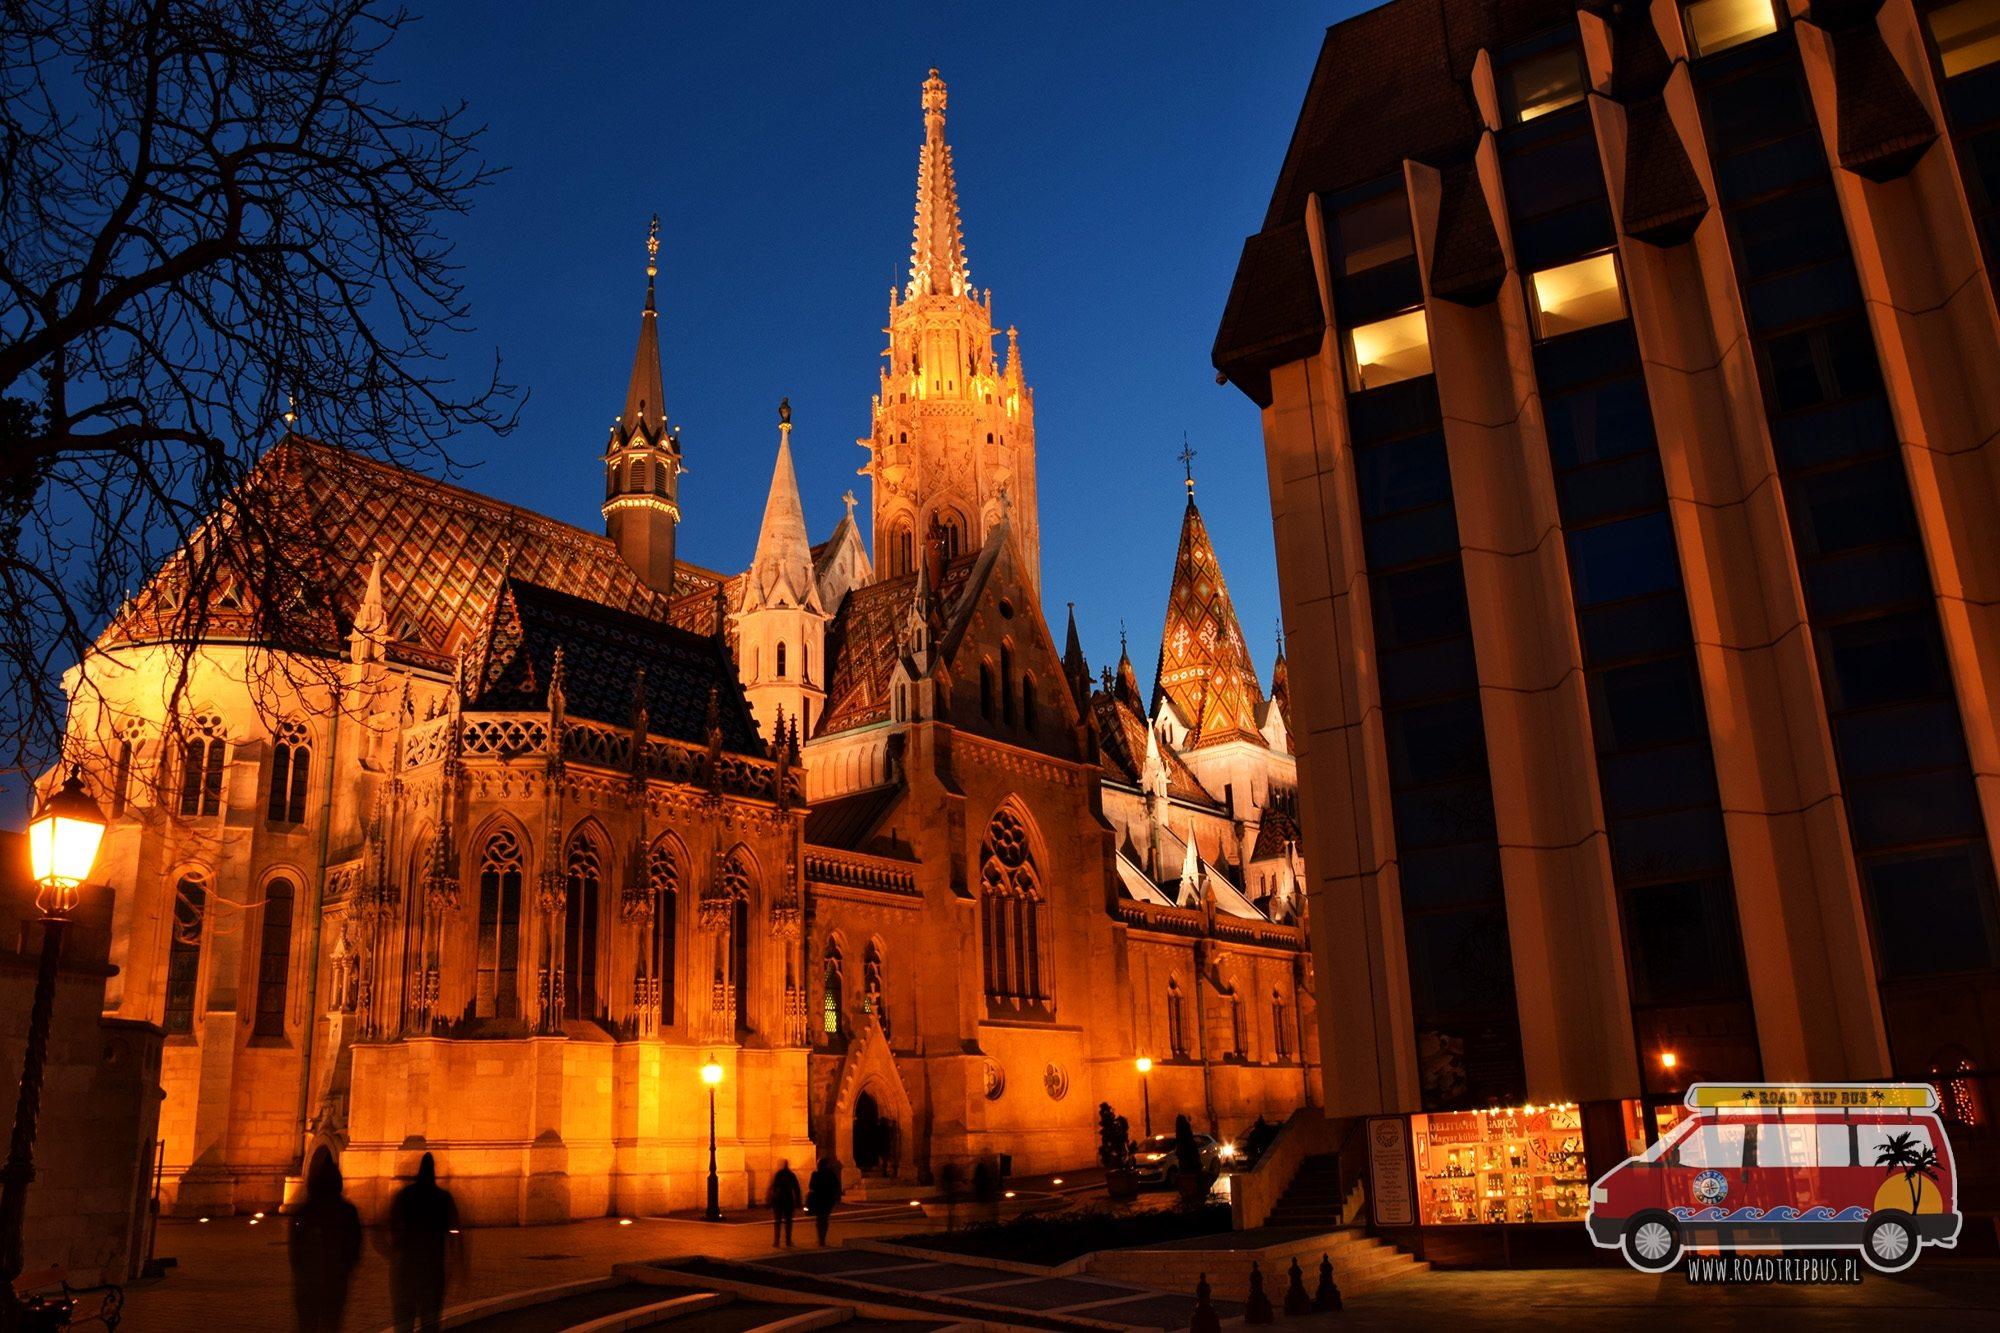 Kościół św. Mateusza w Budapeszcie nocą